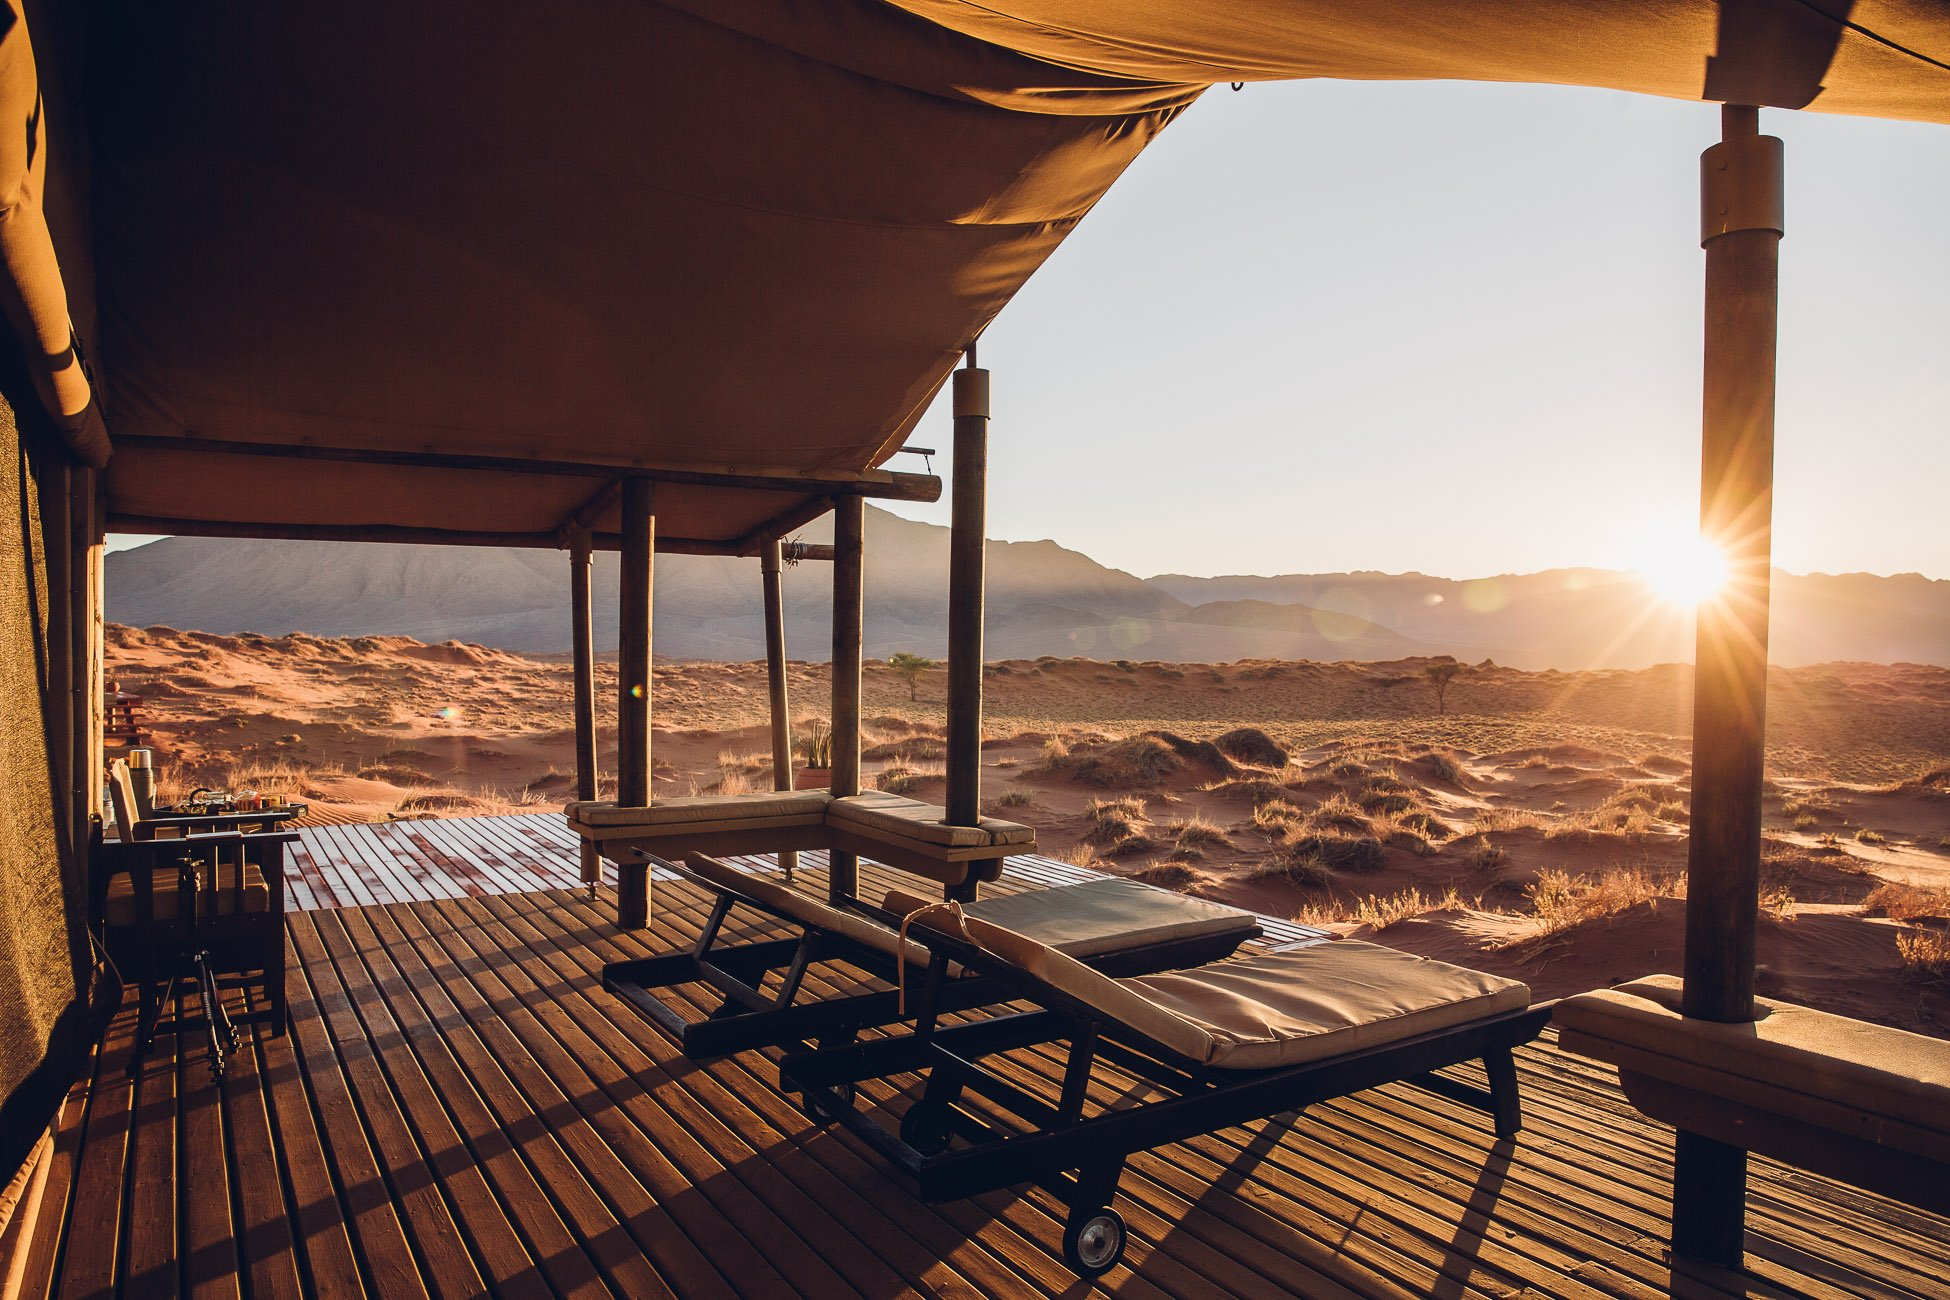 Sunrise at Wolwedans Dune Camp